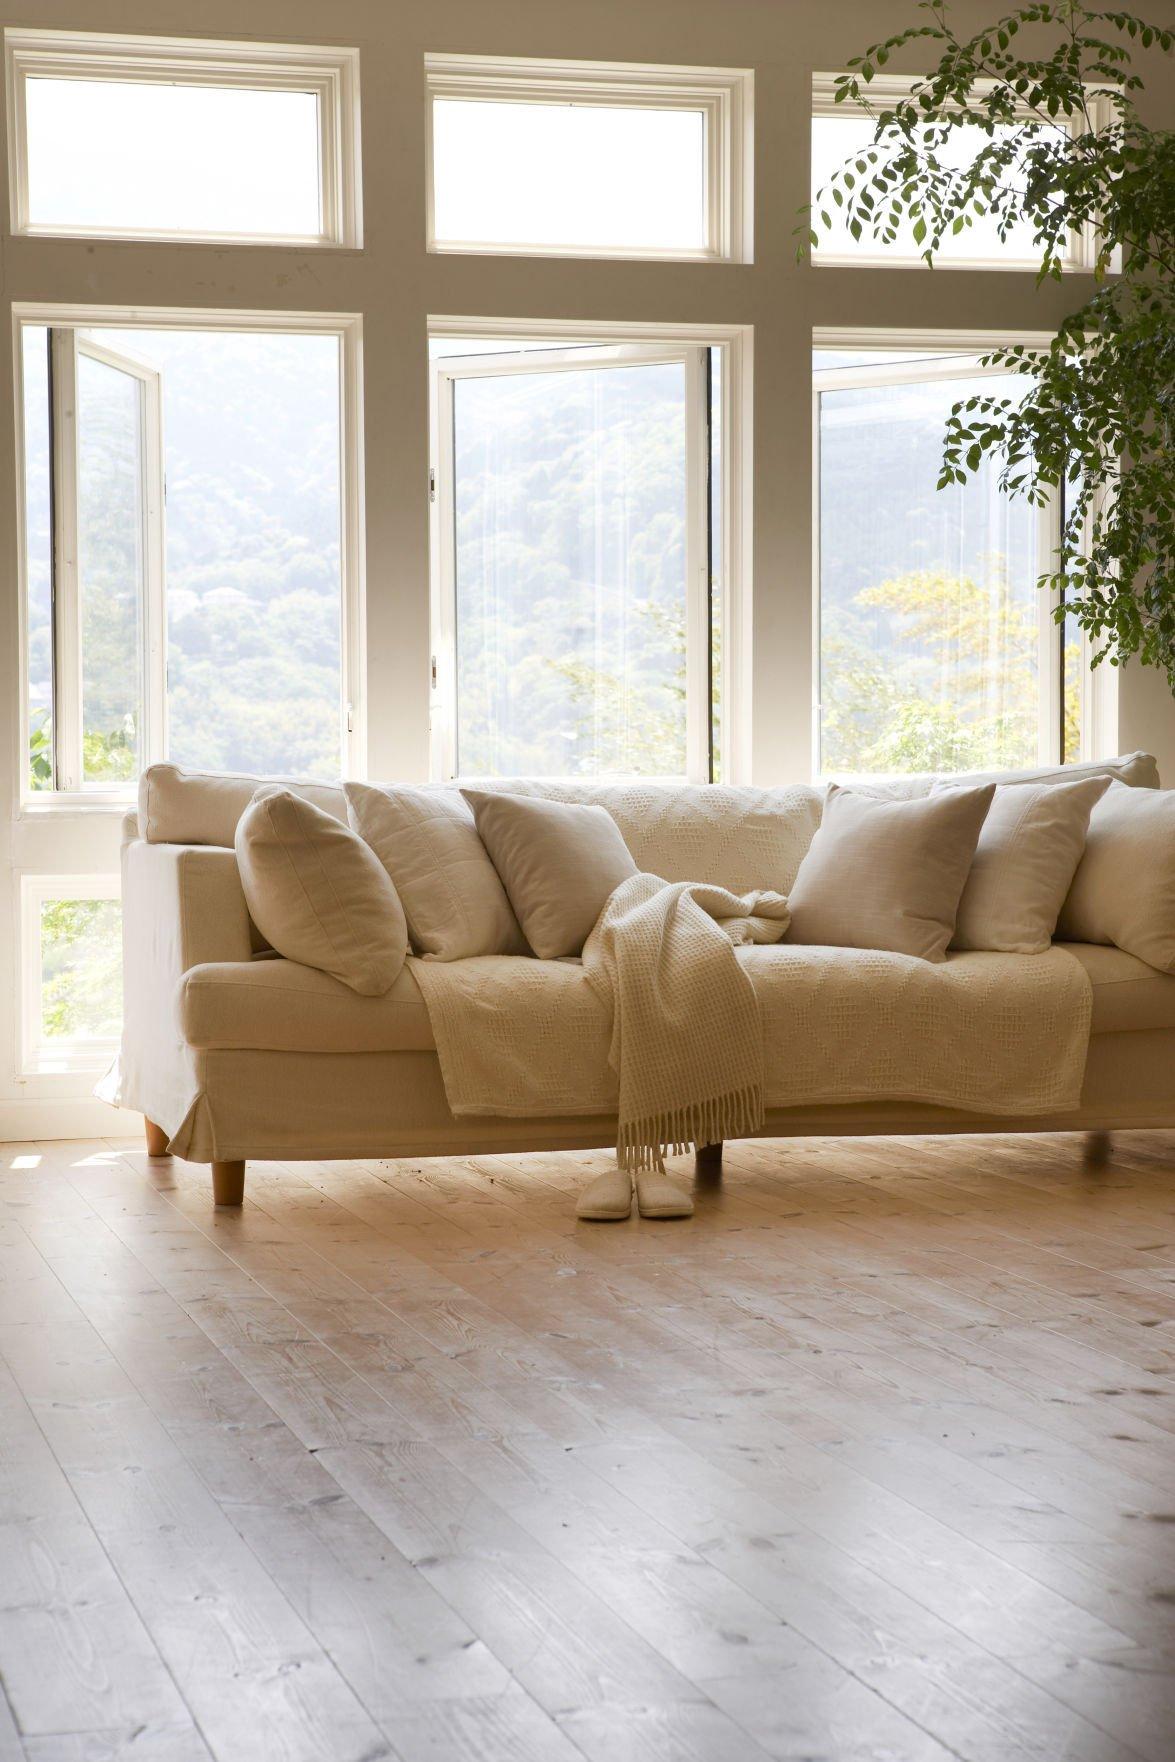 Enjoy The Breeze Screens For Windows Doors Provide Cool Comfort